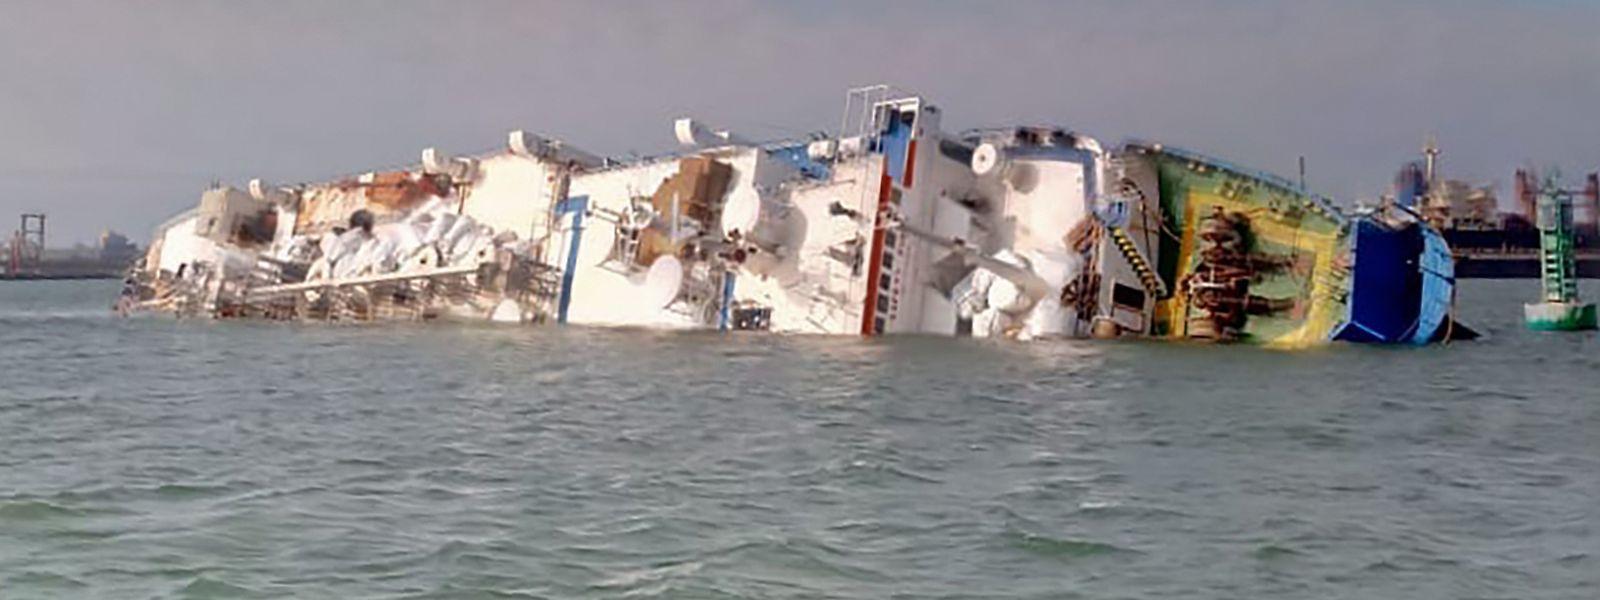 Das Schiff blieb auf der Seite im Hafenbecken liegen.